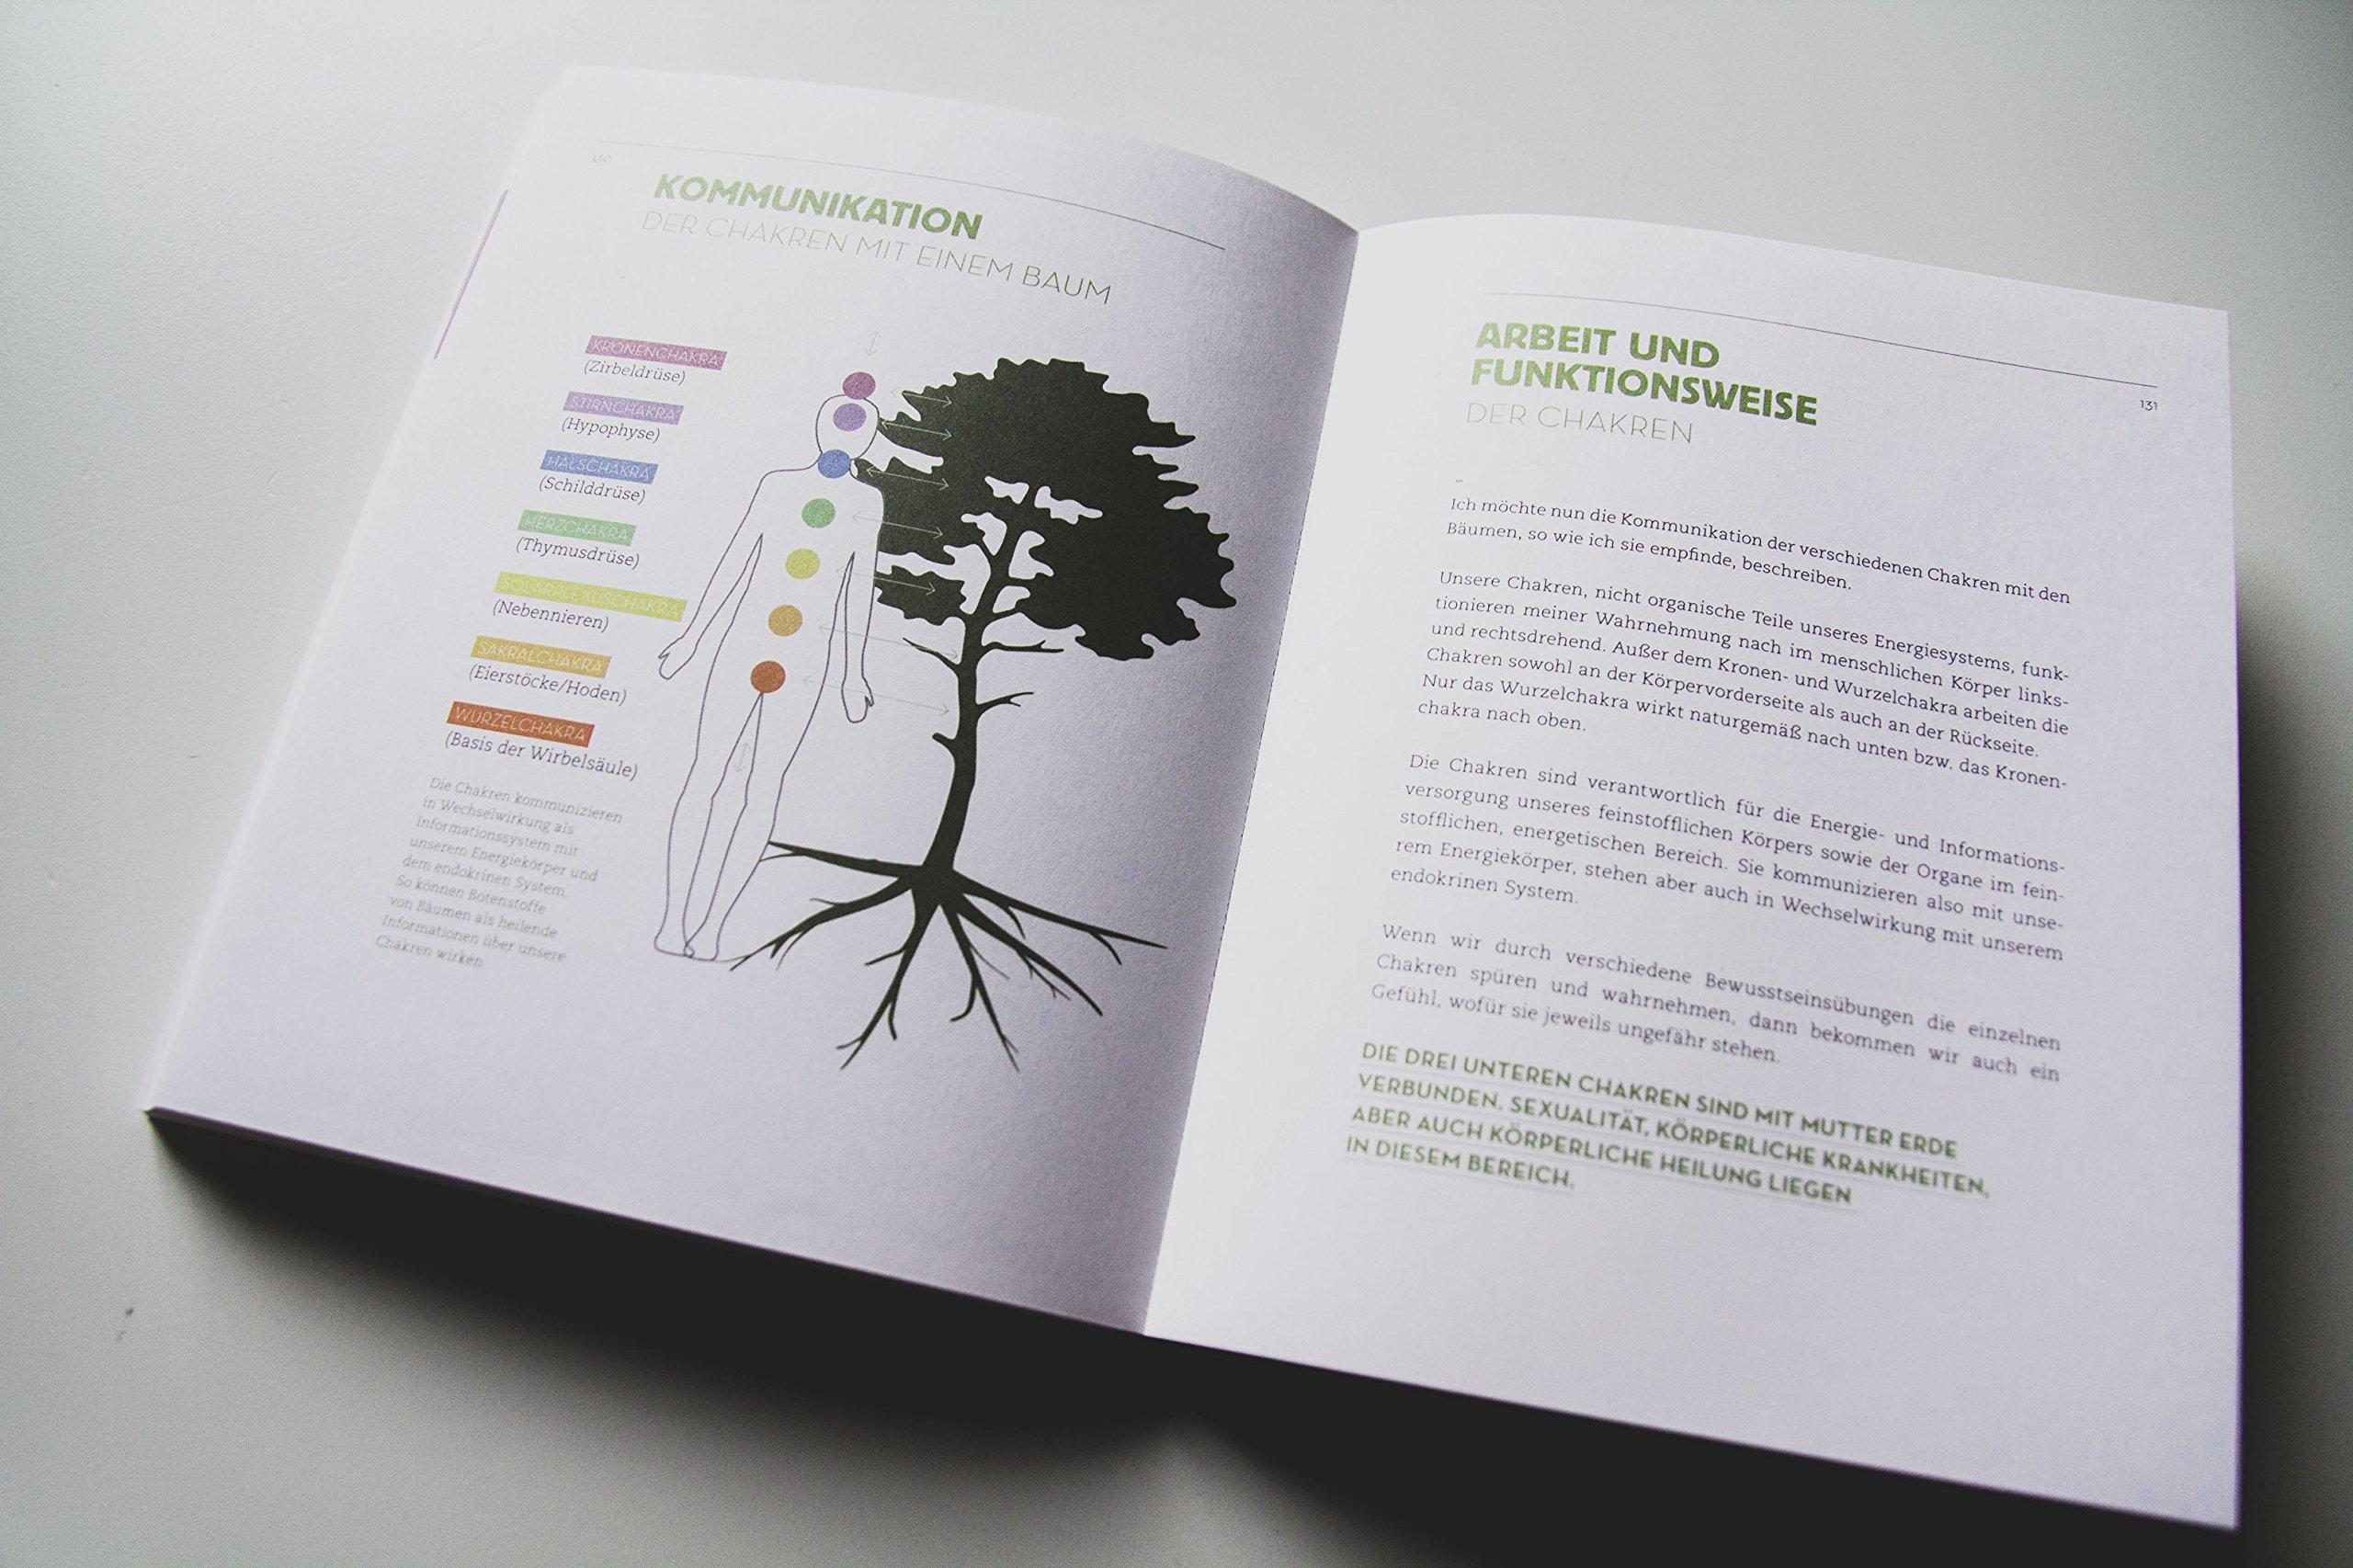 Nett Endokrinen Systems Teile Und Funktionen Ideen - Menschliche ...